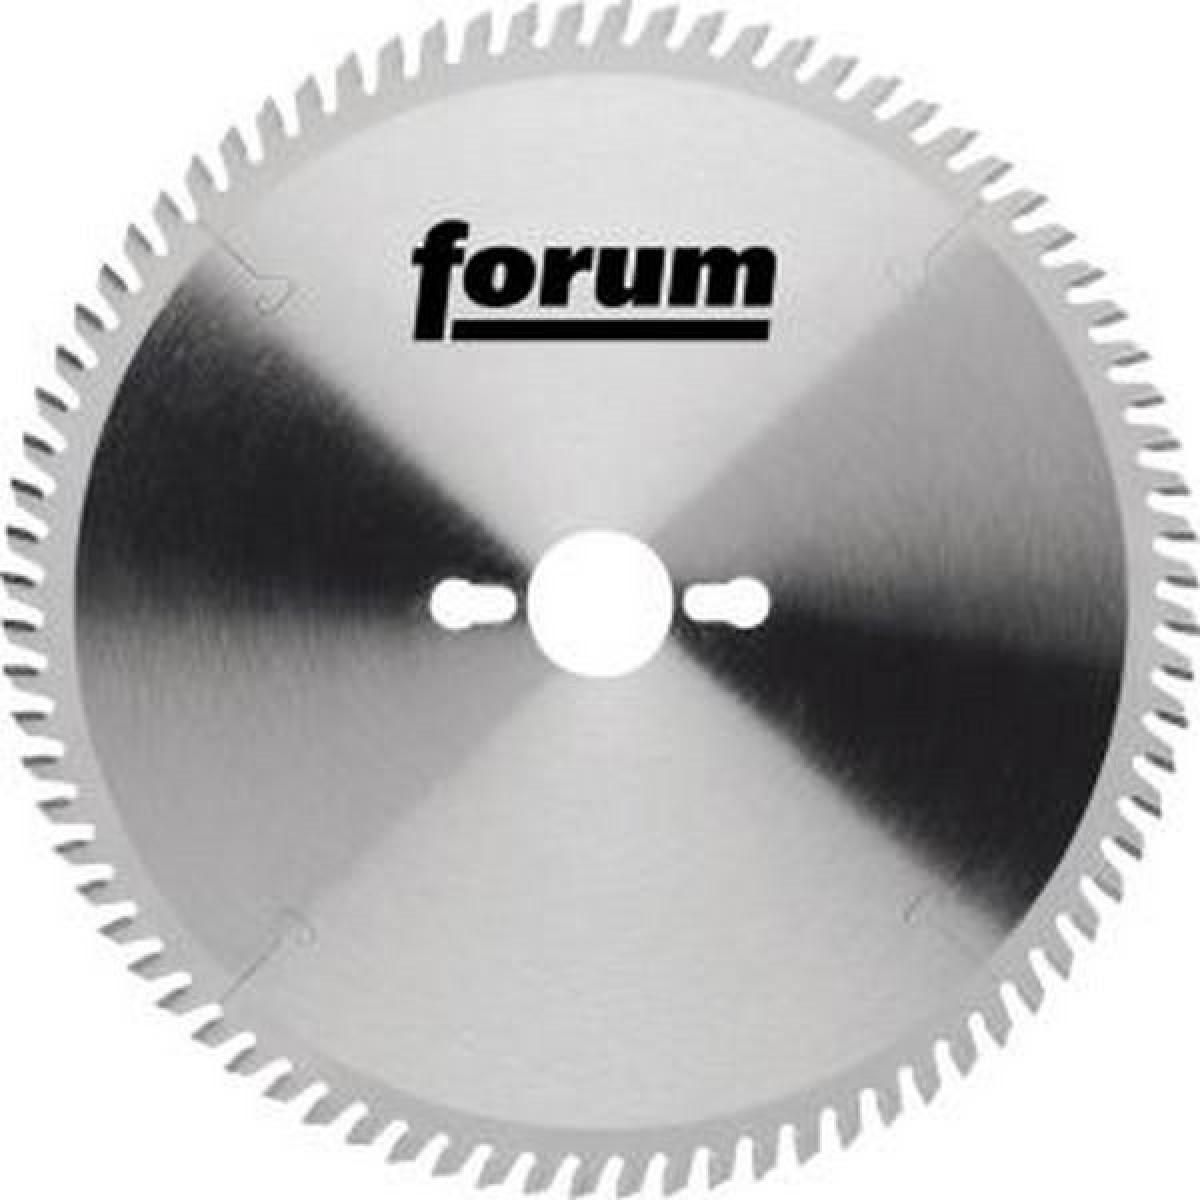 Forum Lame de scie circulaire, Ø : 216 mm, Larg. : 3,2 mm, Alésage 30 mm, Perçages secondaires : -, Dents : 48